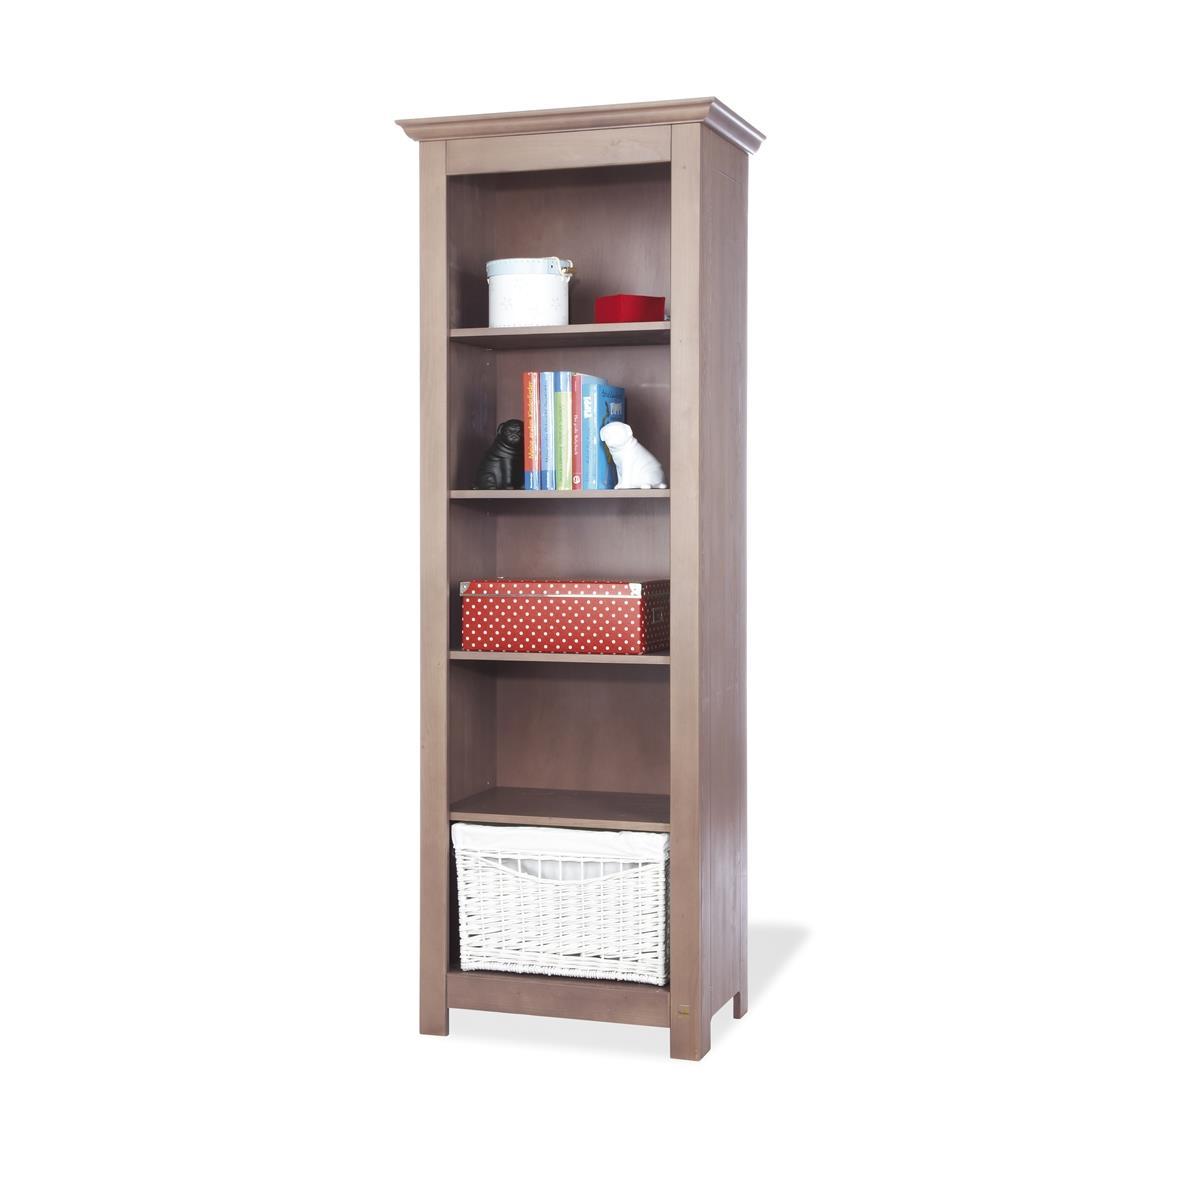 Jelka standing shelf - на 360.ru: цены, описание, характеристики, где купить в Москве.